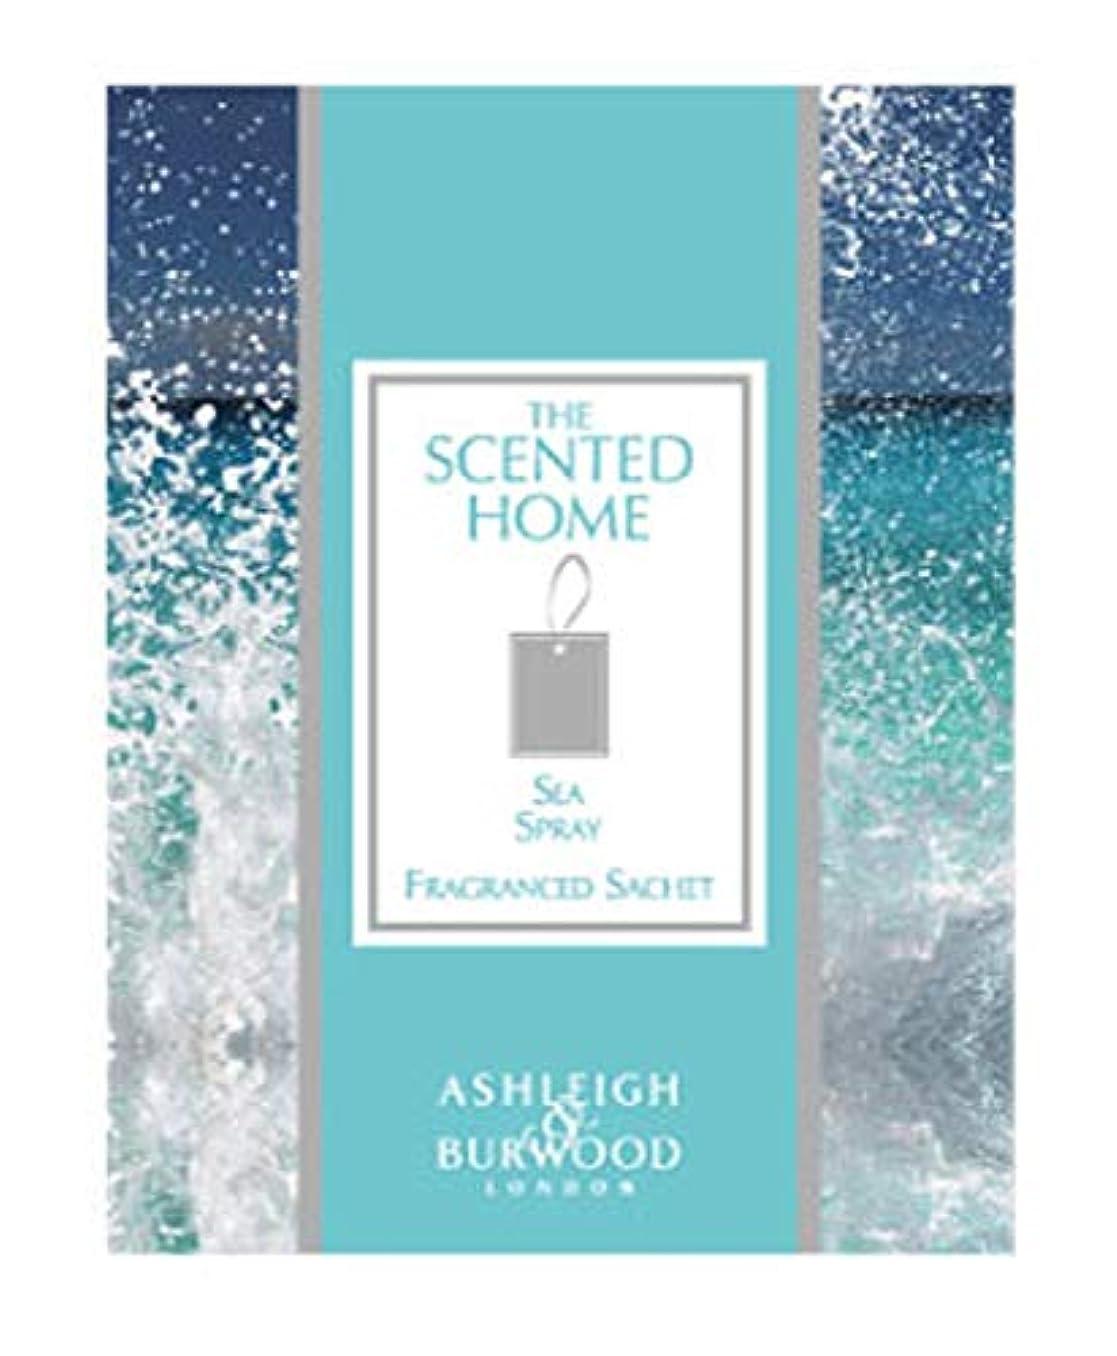 マウント含む避けられないアシュレイ&バーウッド(Ashleigh&Burwood) Ashleigh&Burwood サシェ シースプレー Sachet SeaSpray アシュレイ&バーウッド 105㎜×80㎜×5mm/3個